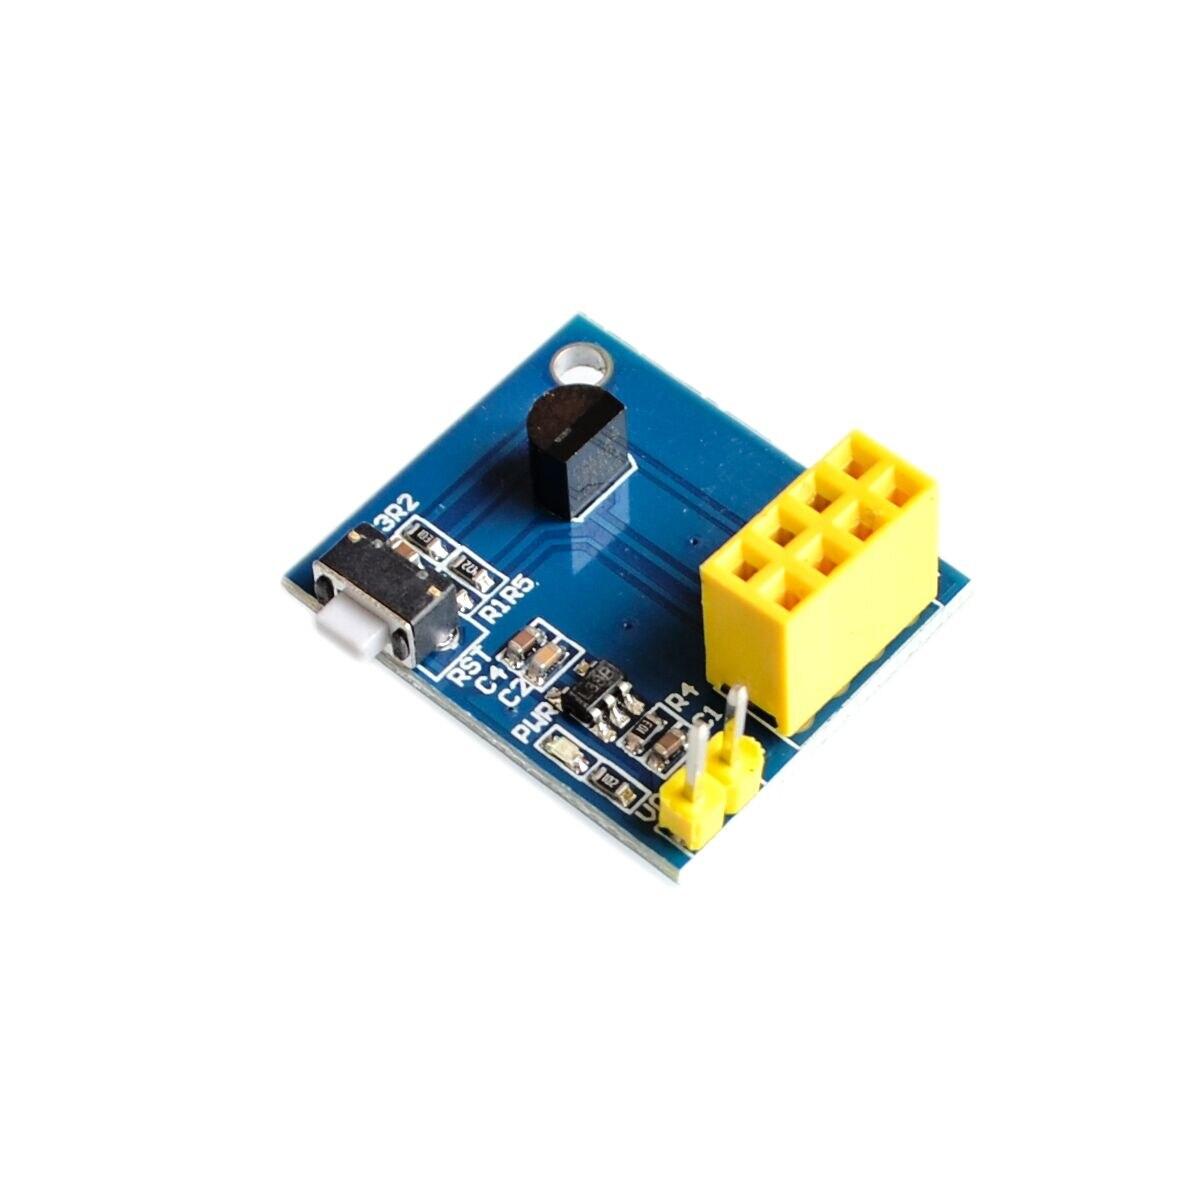 ESP8266 ESP-01 ESP01 DS18B20 модуль датчика температуры и влажности Wifi NodeMCU для Arduino Smart Home IOT DIY Kit